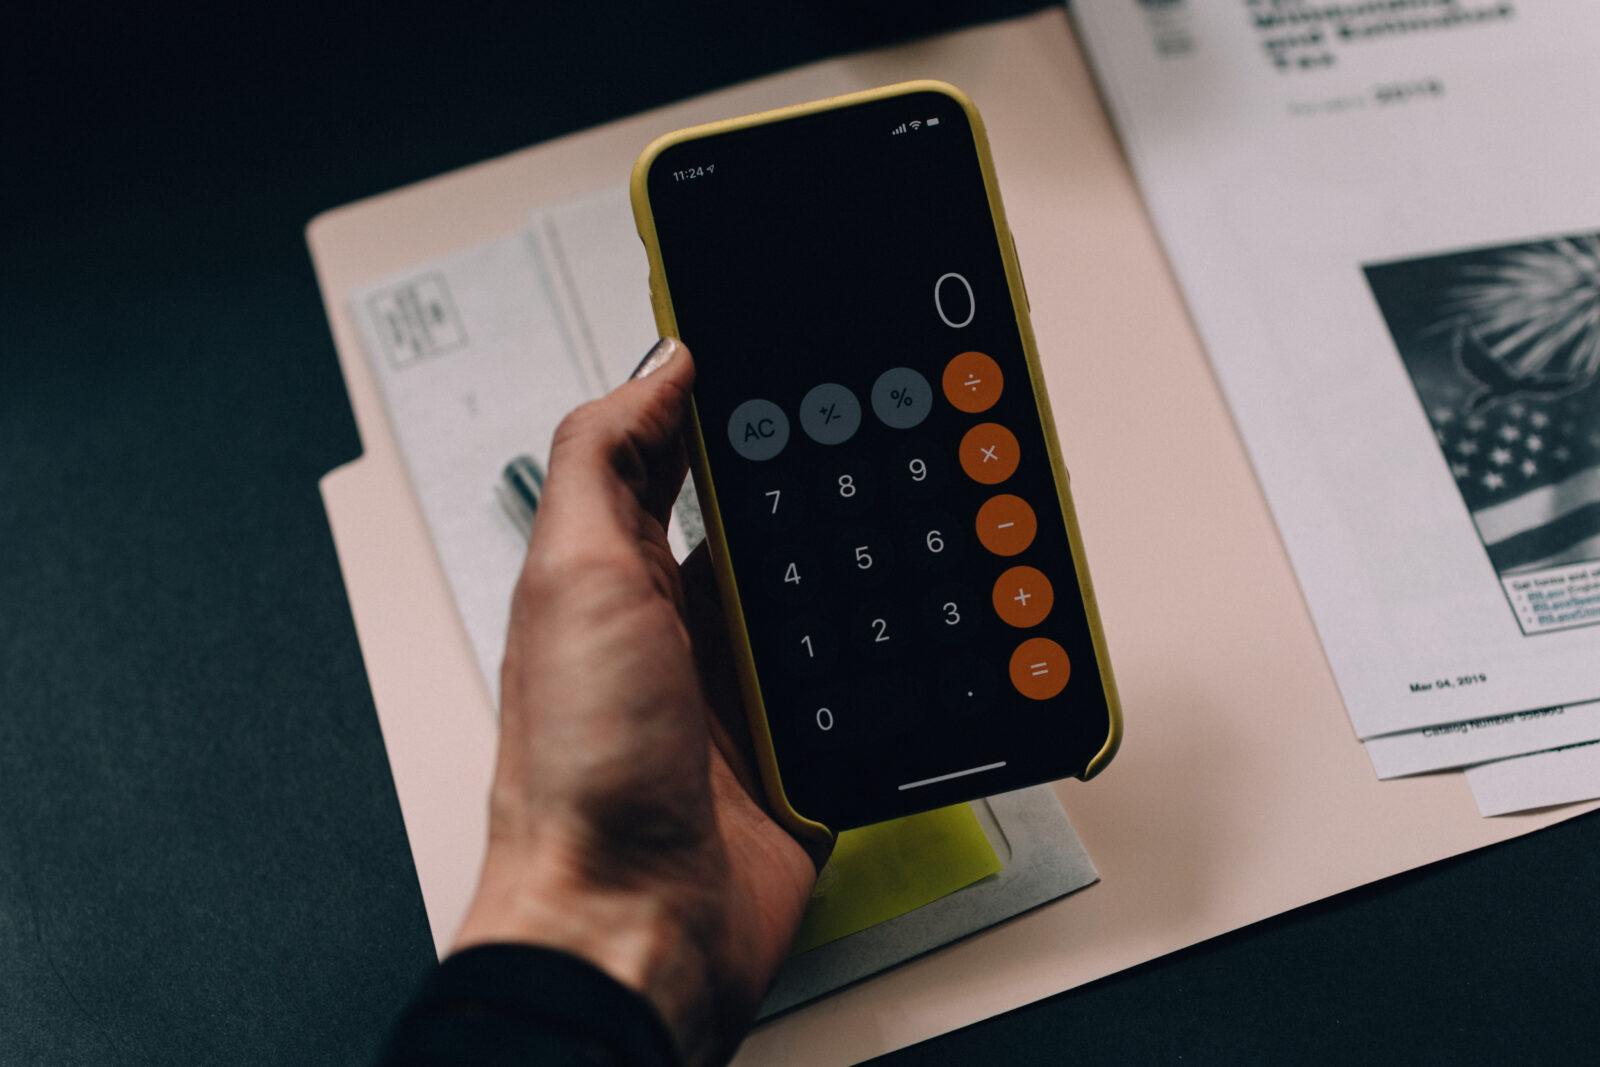 COVID-19: Sådan opnår du fradrag for renteudgifter af private lån